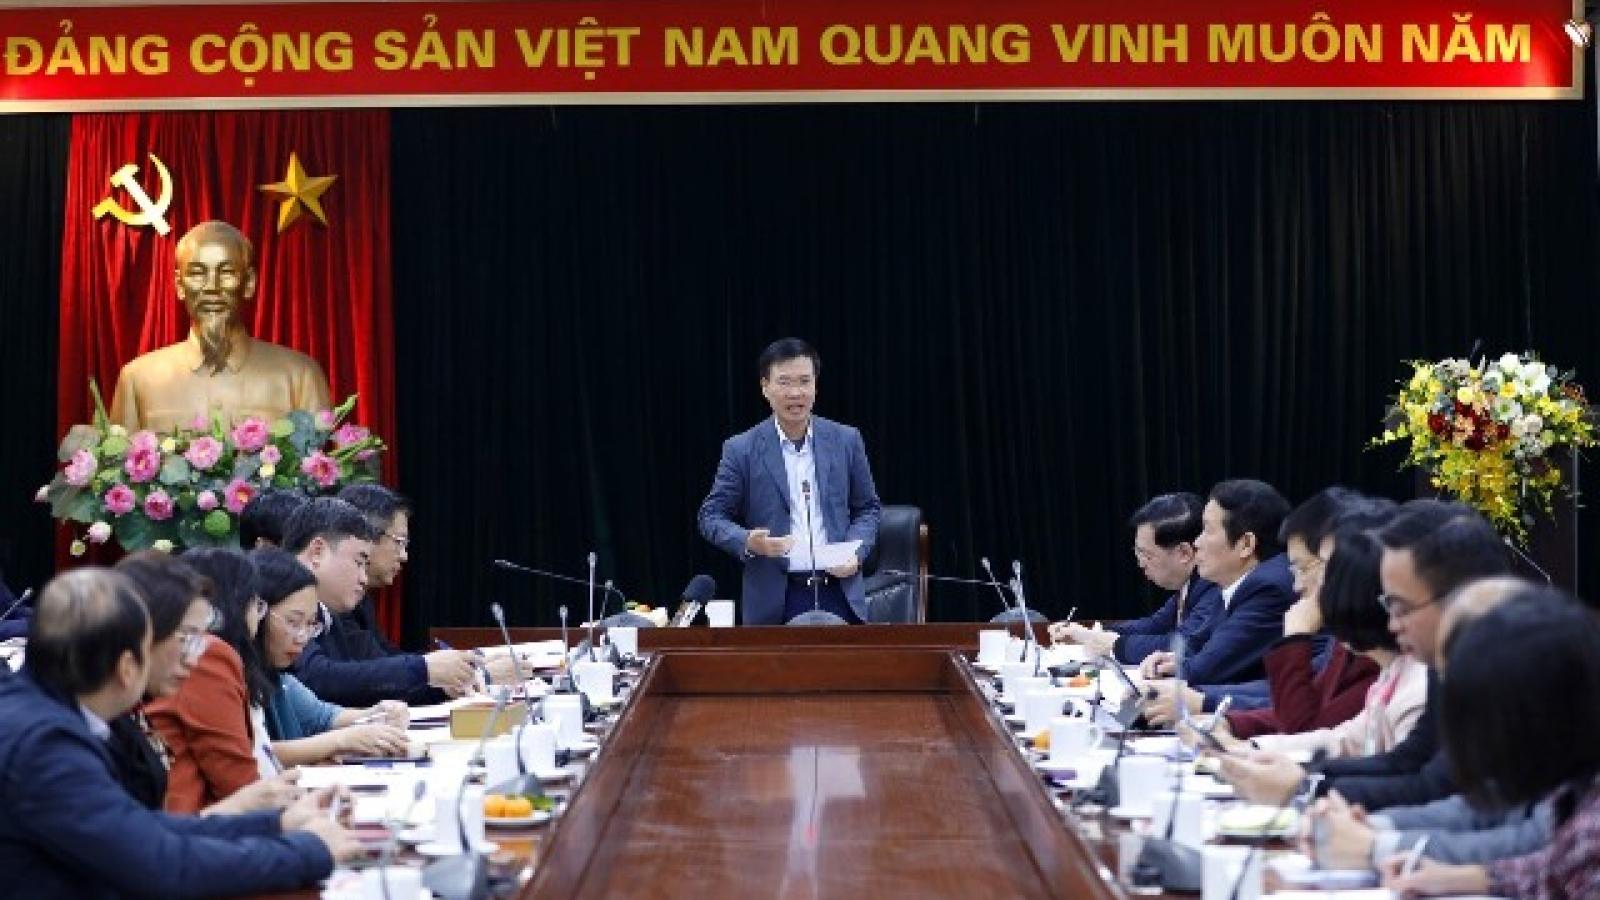 Hơn 500 phóng viên trong và ngoài nước  đăng ký đưa tin về Đại hội XIII của Đảng